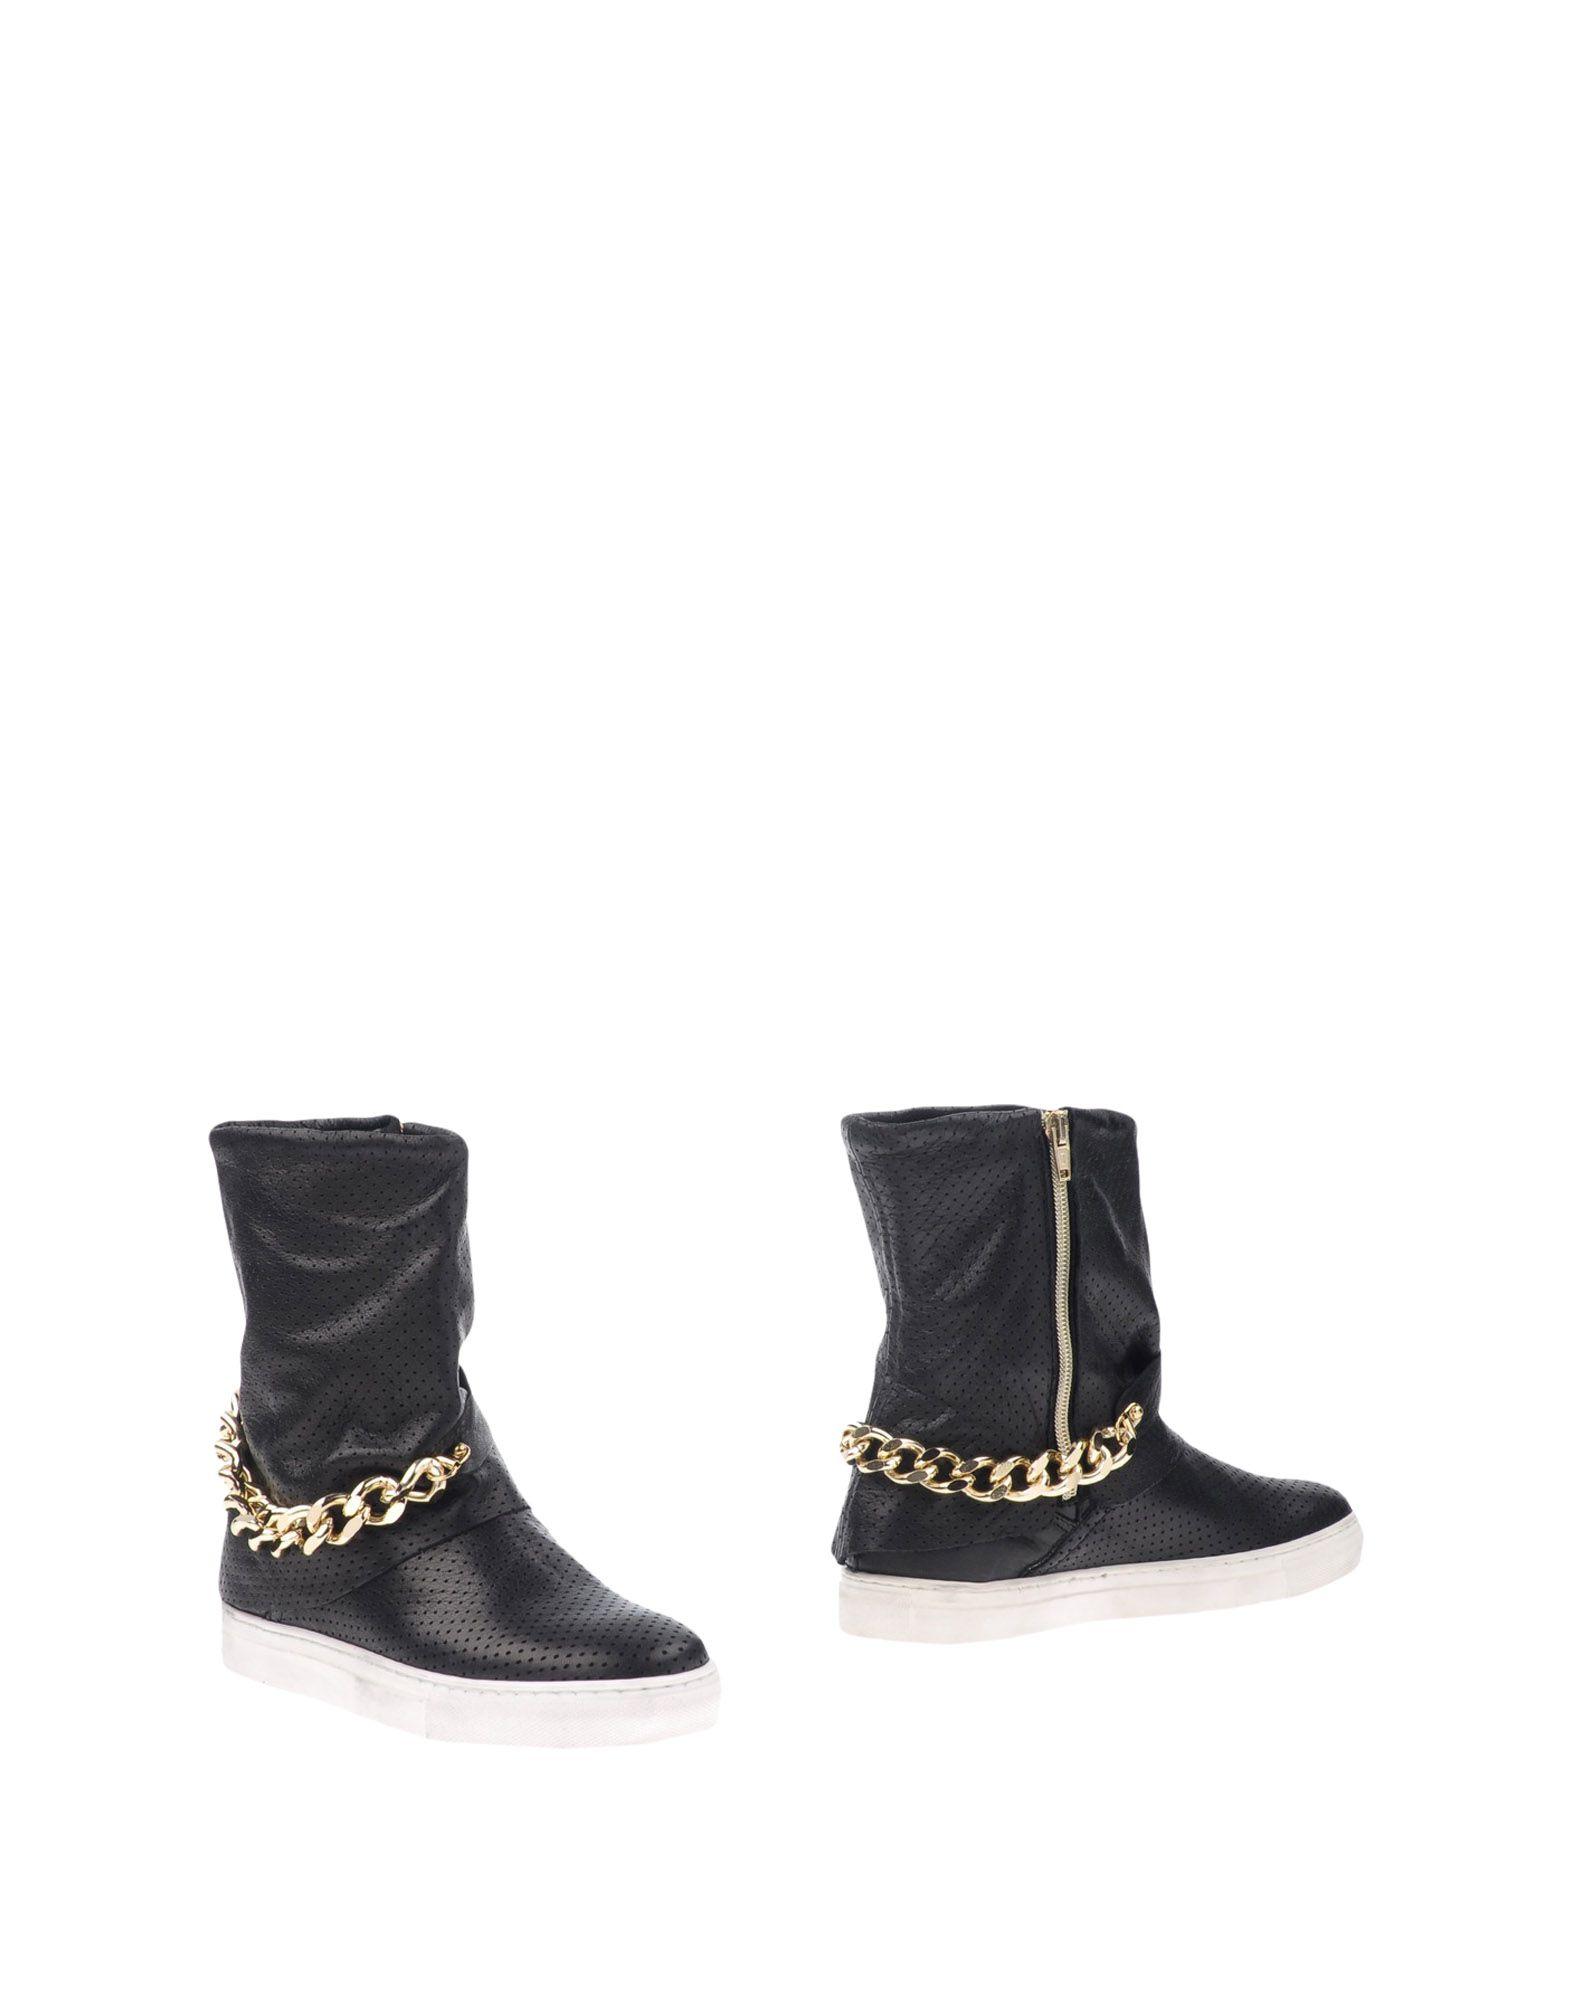 Geneve 11289510CH Stiefelette Damen  11289510CH Geneve Gute Qualität beliebte Schuhe 645514